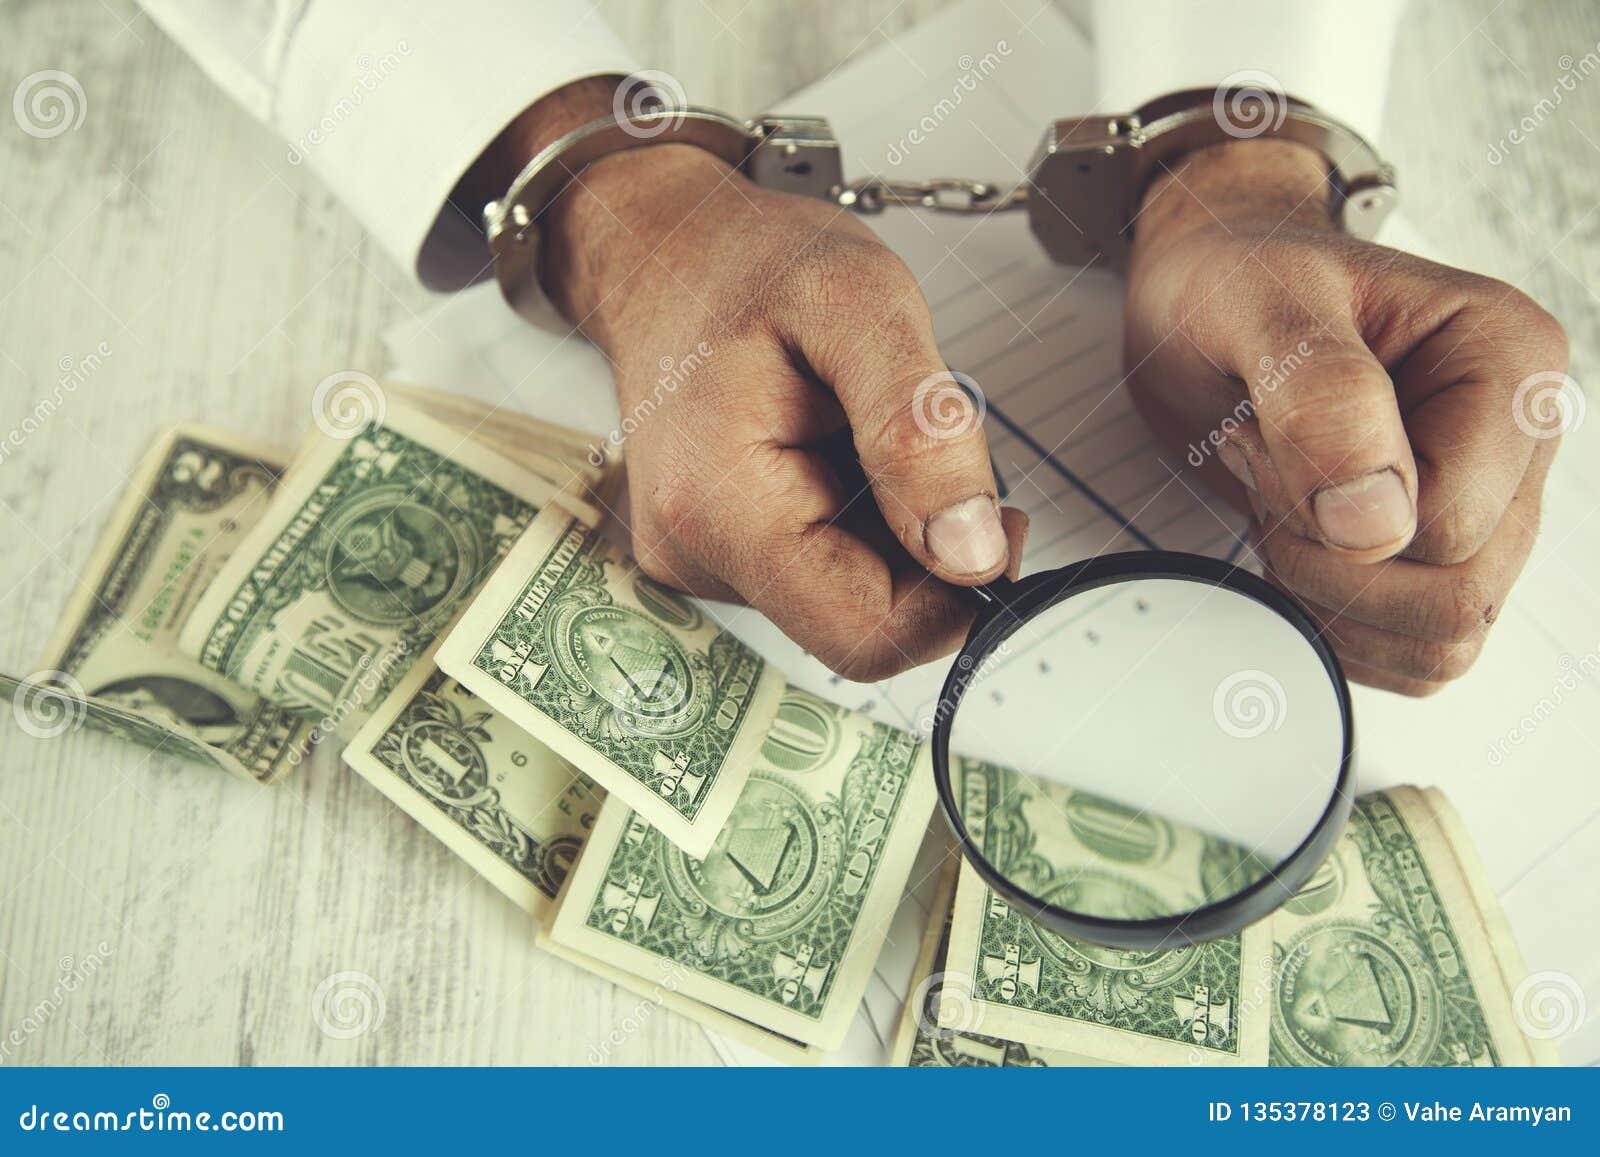 Увеличитель и деньги руки человека